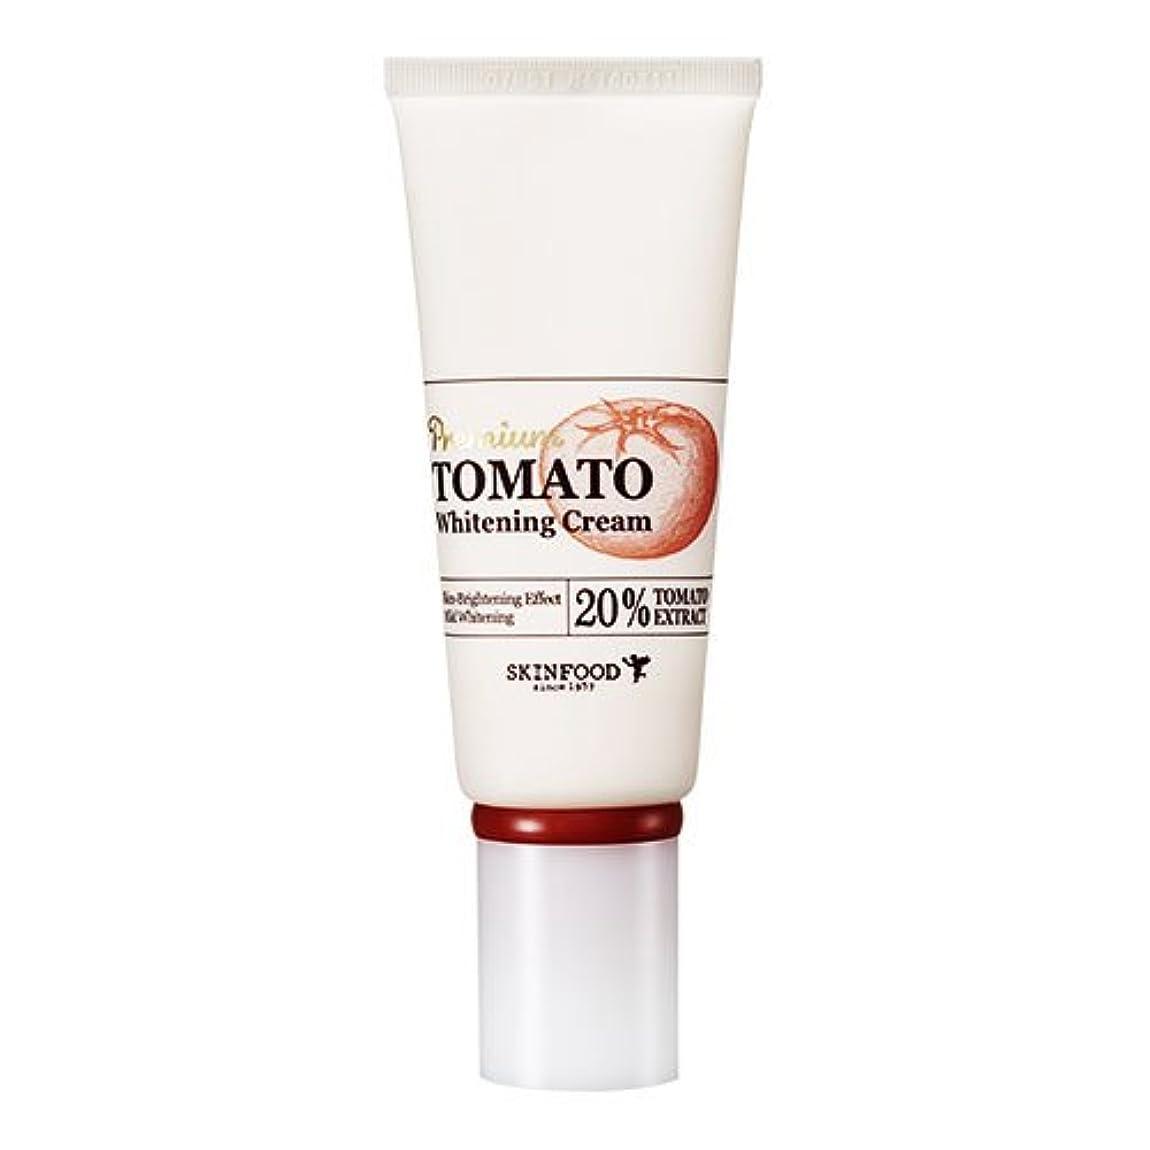 ドナウ川感謝キッチンSkinfood プレミアムトマトホワイトニングクリーム(美白効果) / Premium Tomato Whitening Cream (Skin-Brightening Effect) 50g [並行輸入品]